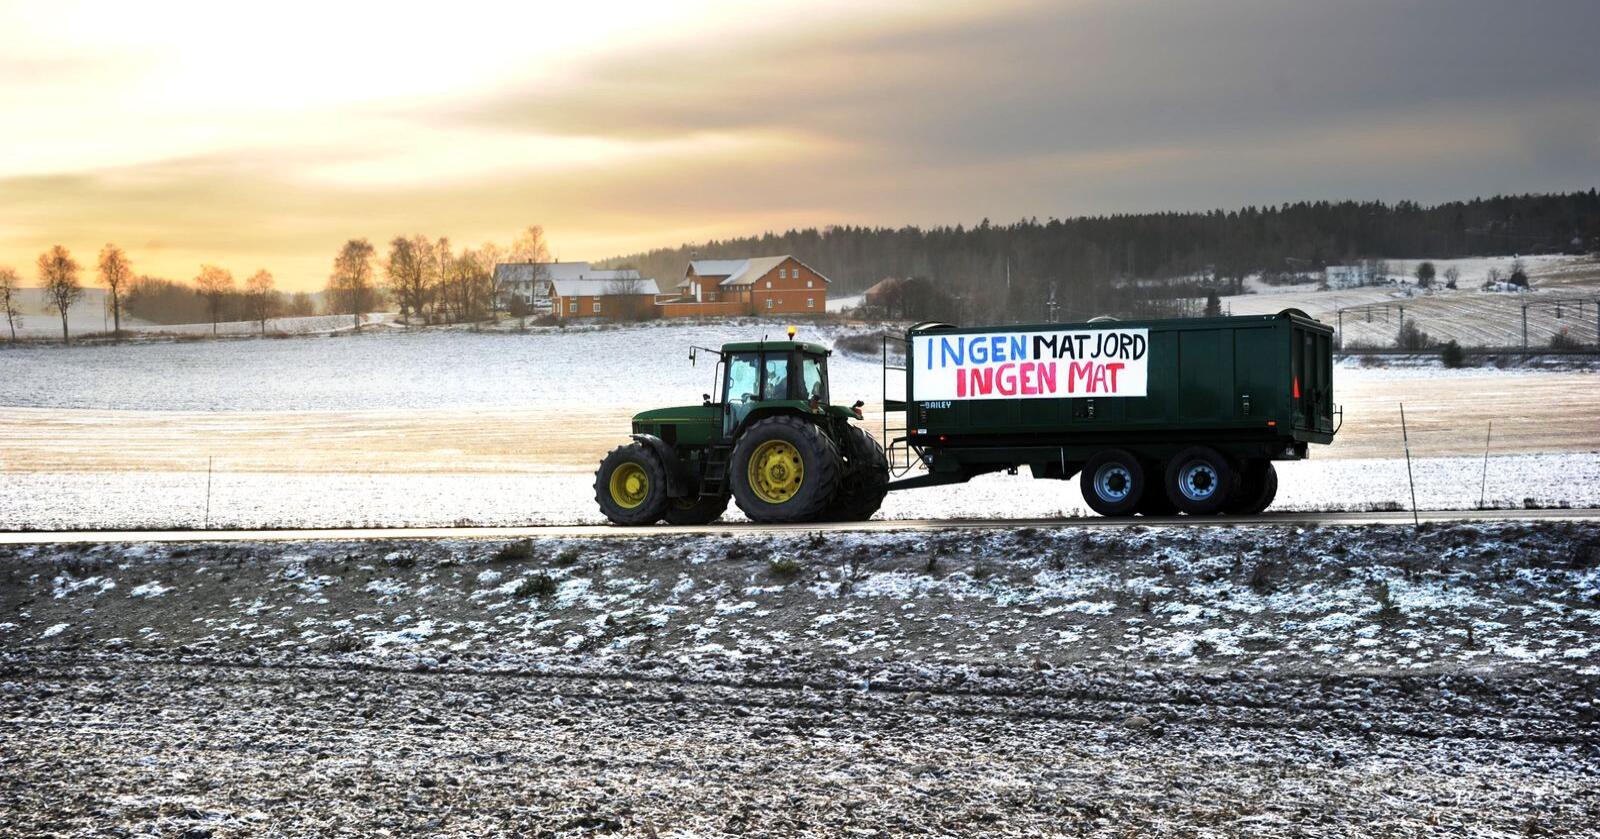 Det har lenge vært strid om jordet i Vestby. Her demonstrerer en bonde i forbindelse med at daværende landbruksminister Sylvi Listhaug i 2013 besøkte jordet som Ikea da planla å bygge varehus på. Foto: Siri Juell Rasmussen